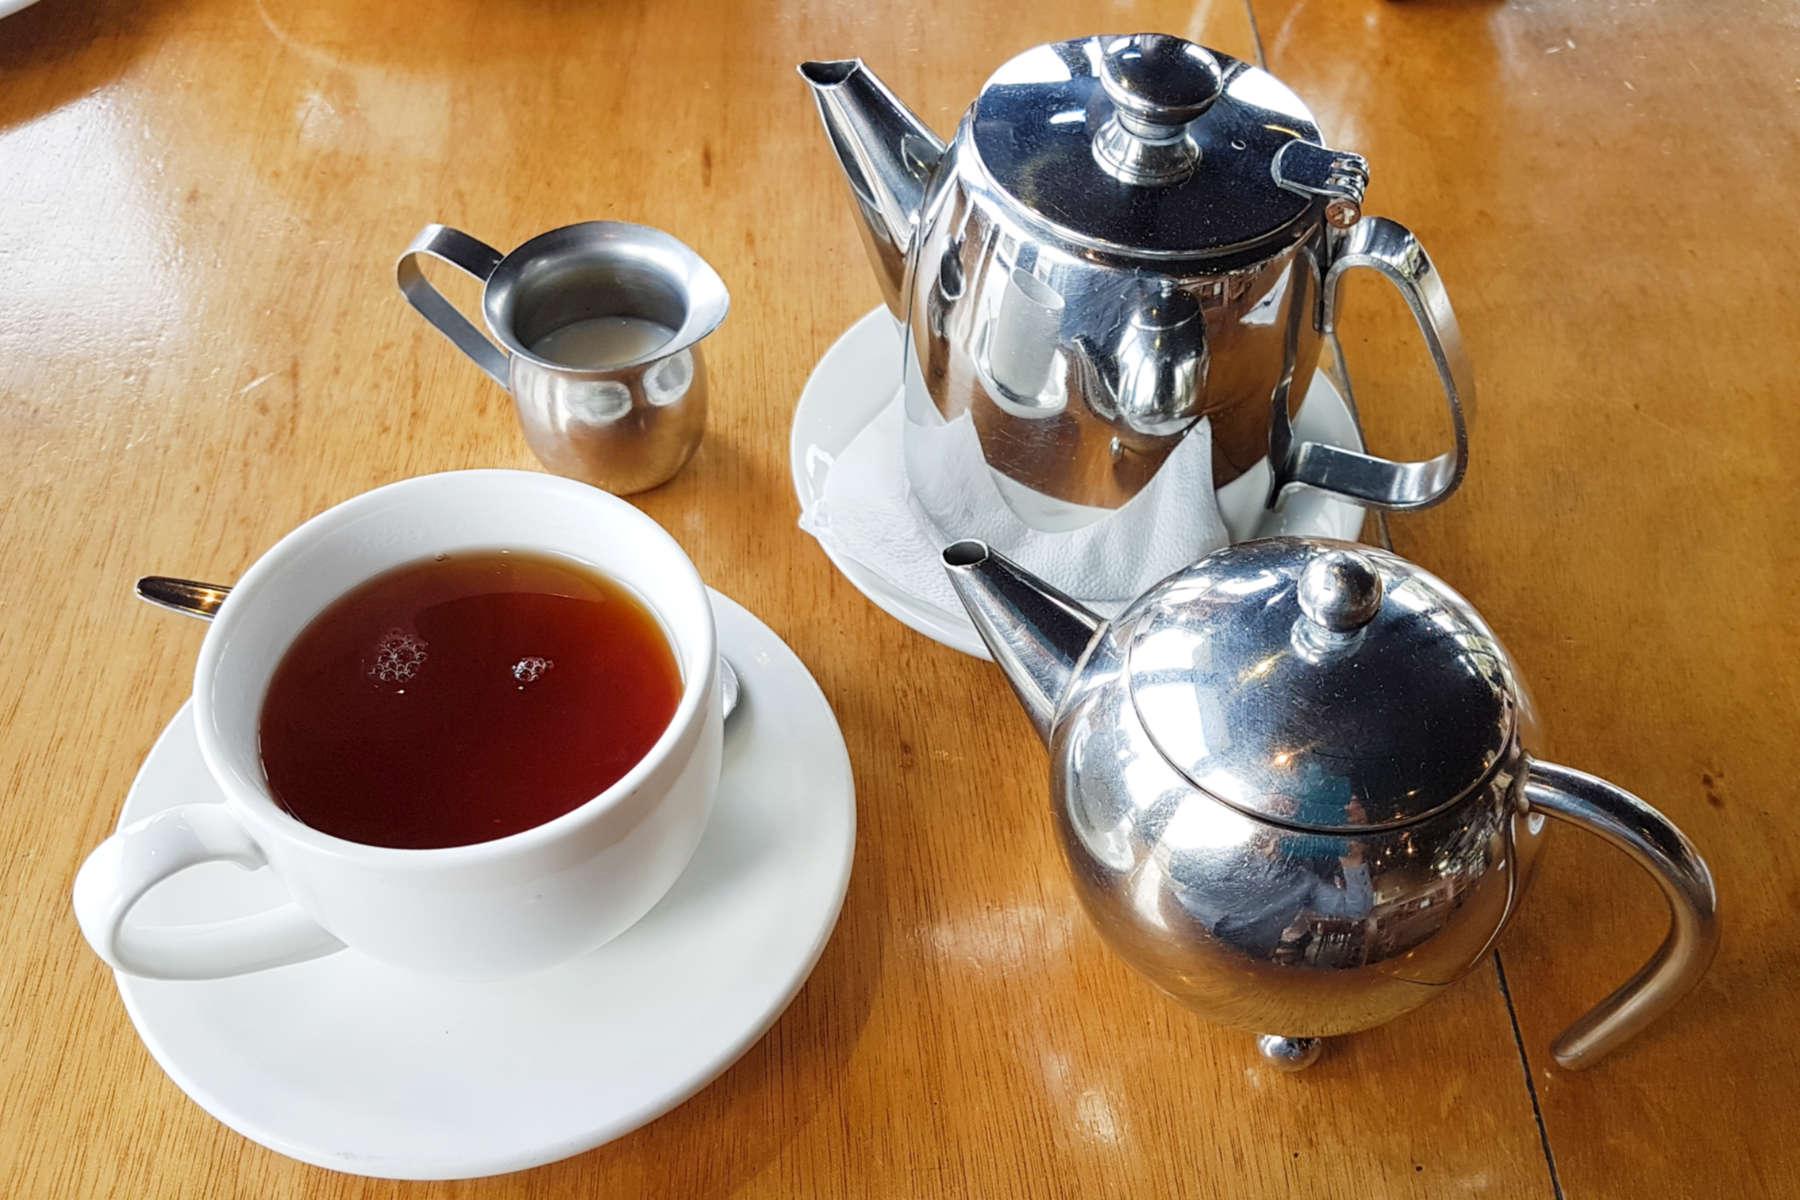 Greta Point tea